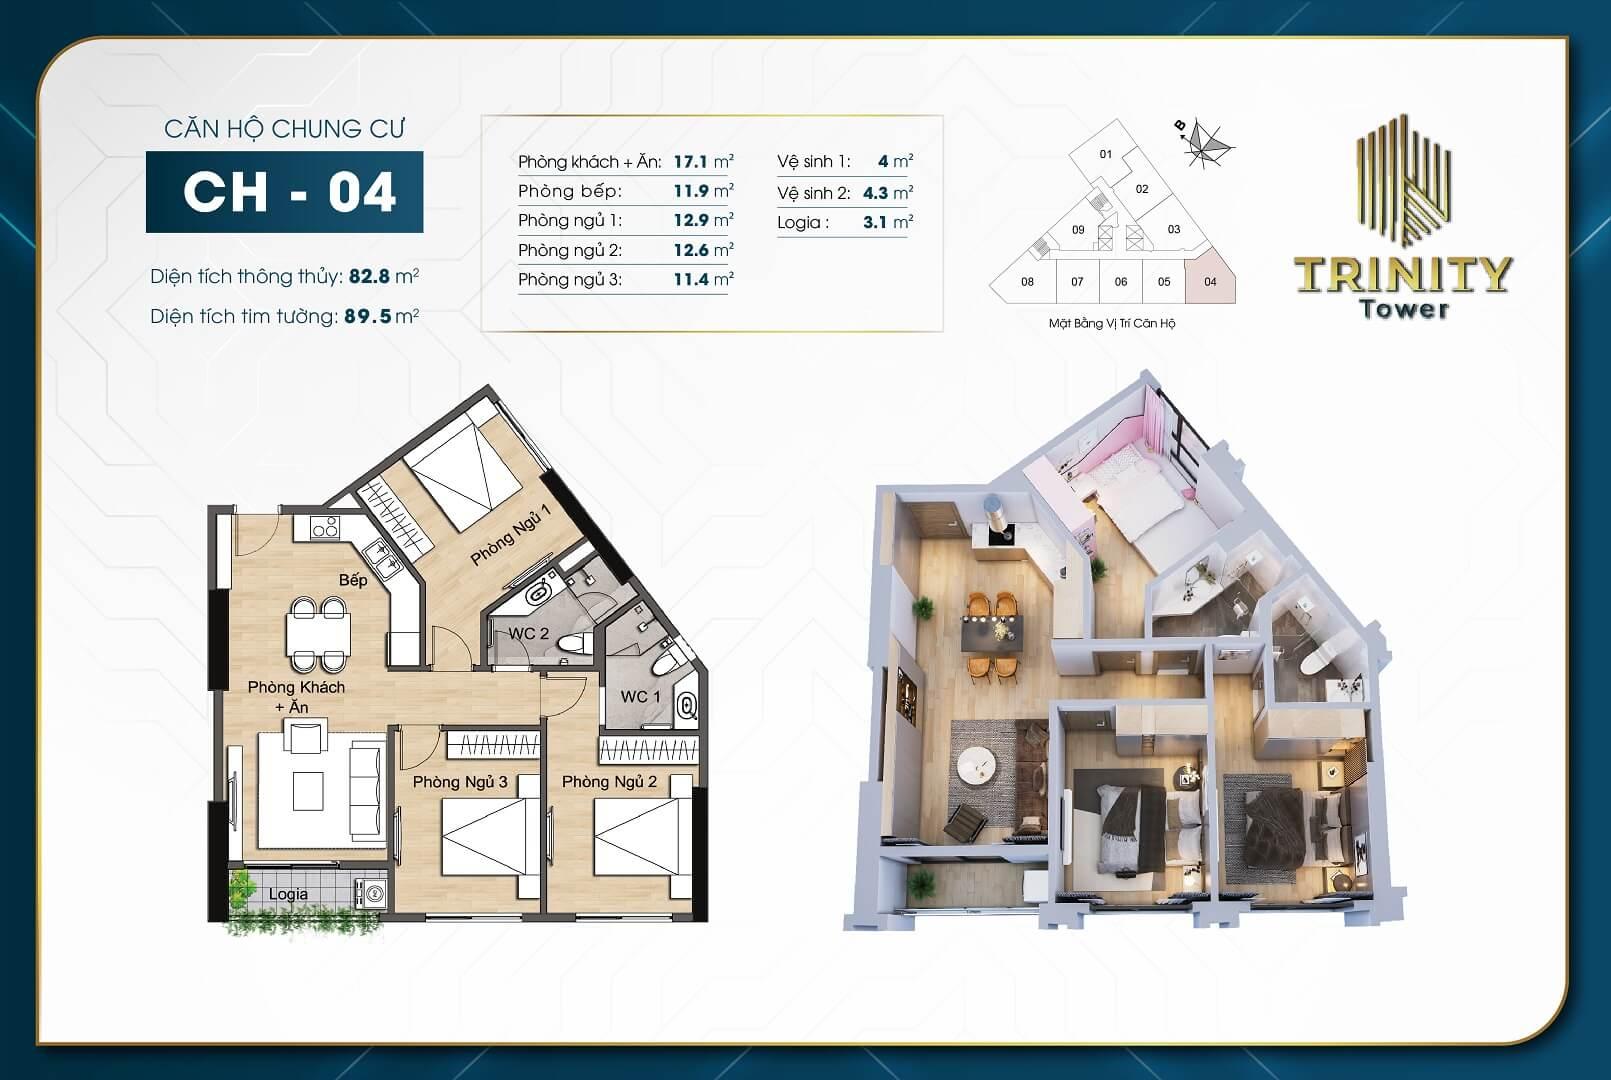 thiết kế chung cư trinity tower căn hộ 04